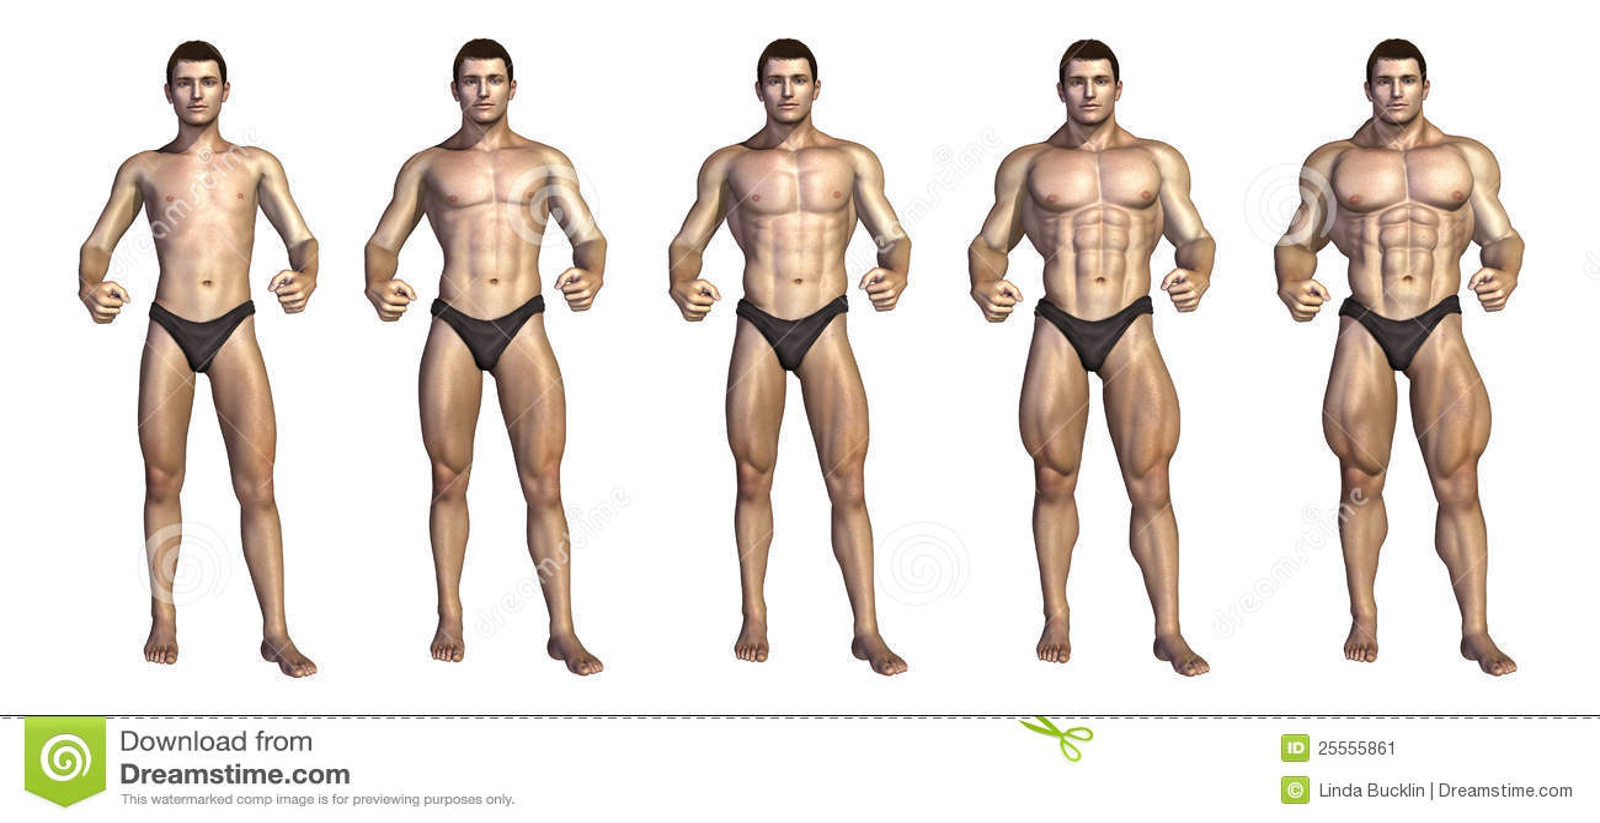 corretta alimentazione per la perdita di grasso e il guadagno muscolare